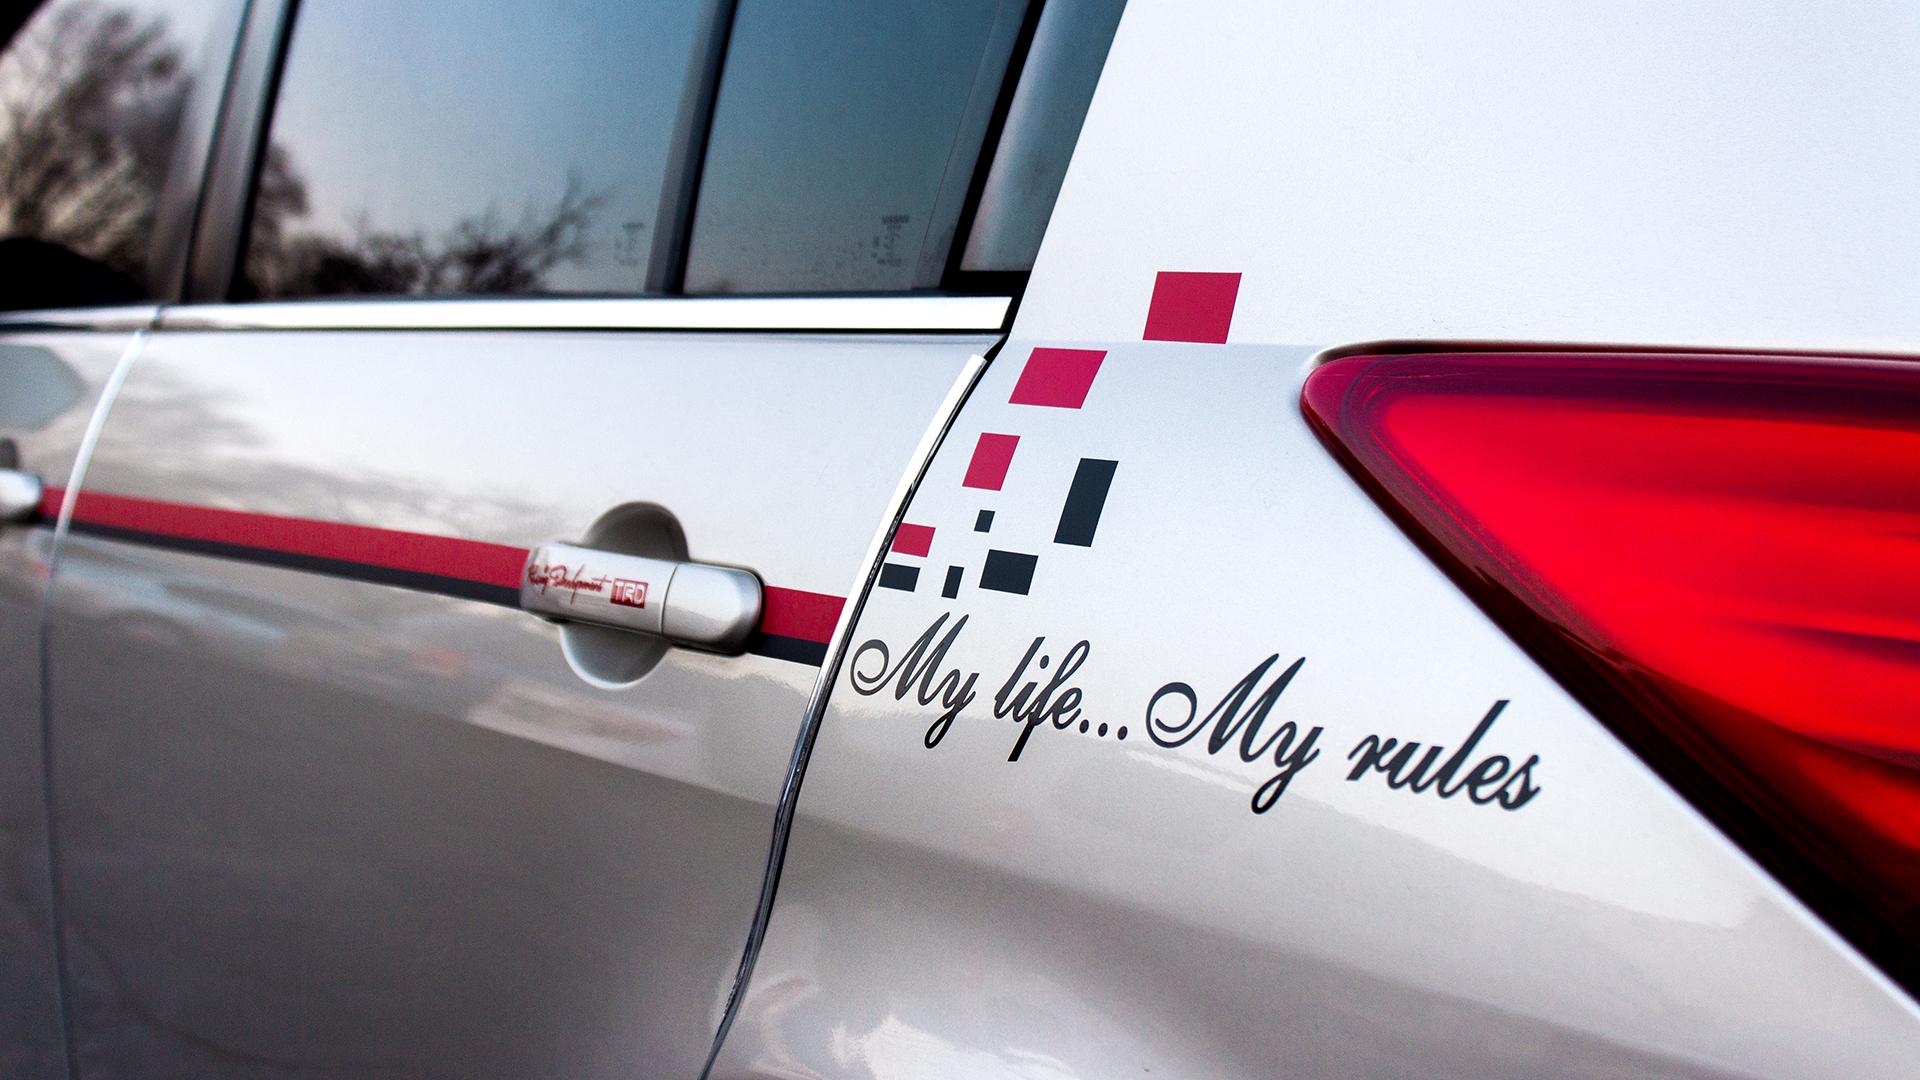 Брендирование автомобиля с помощью самоклеющейся пленки